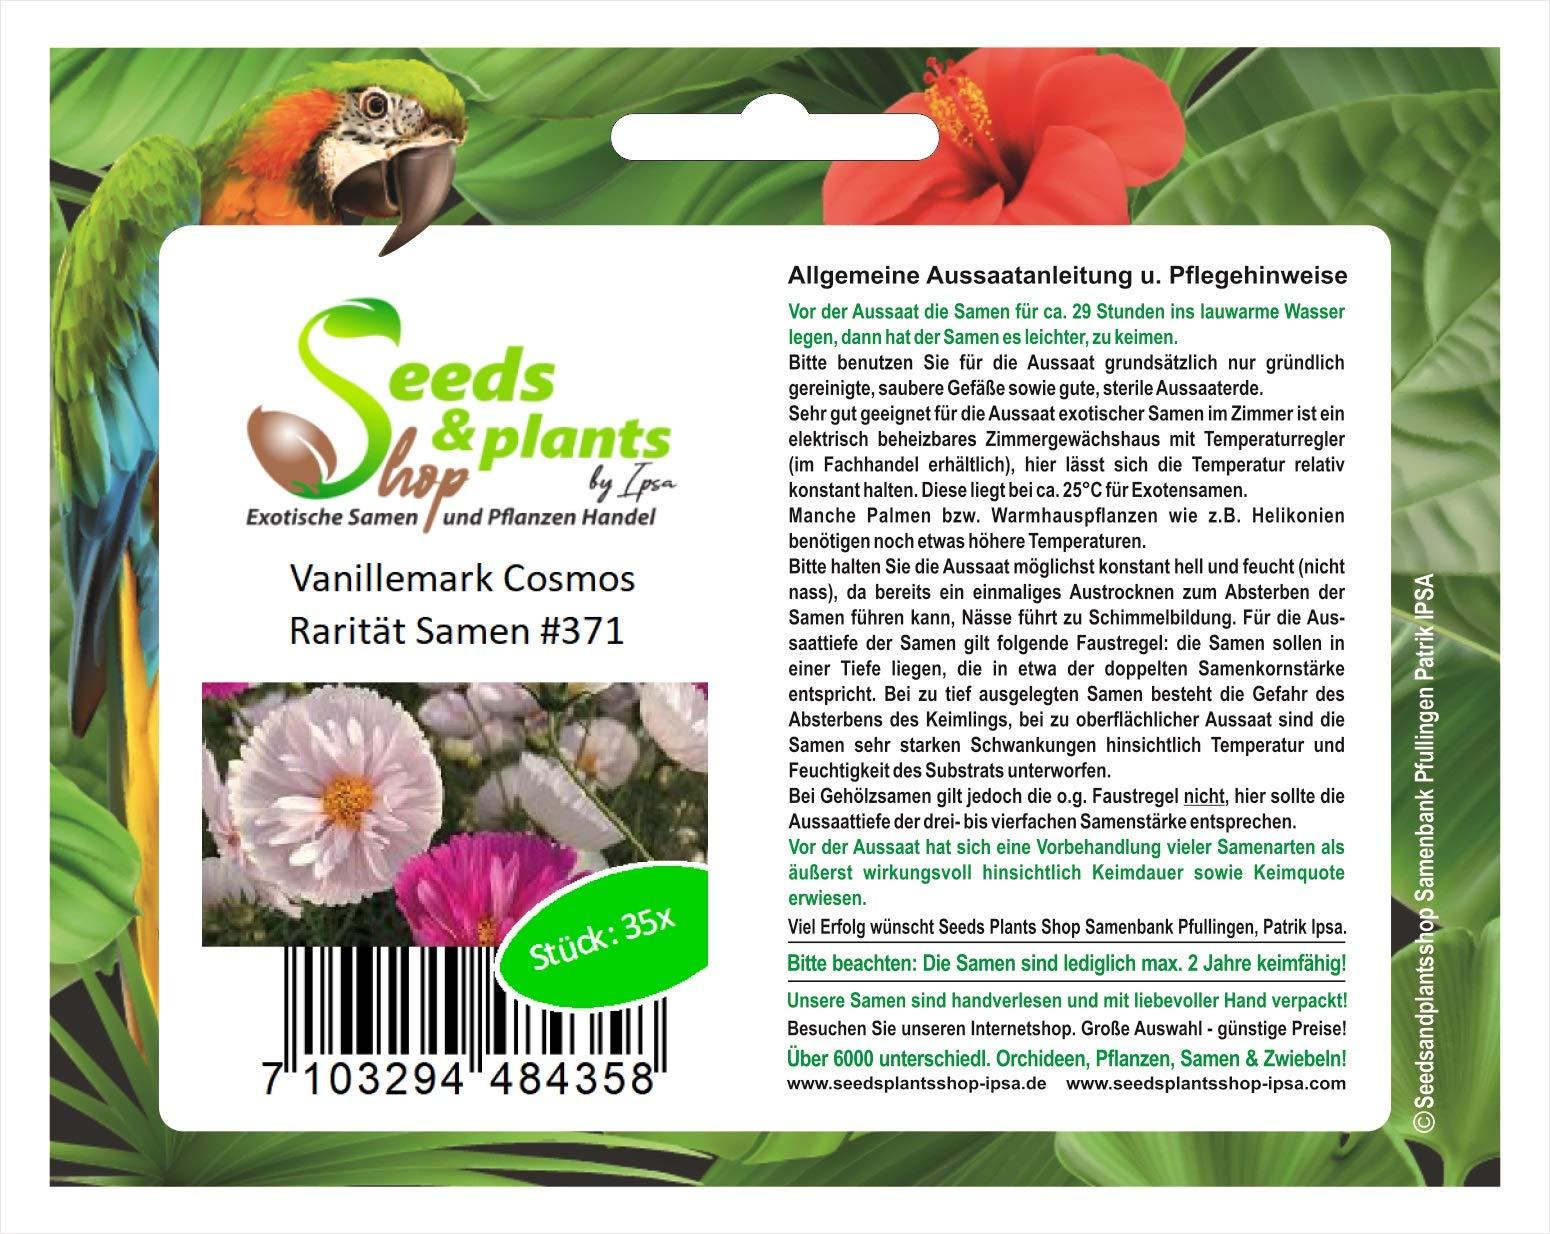 35 vainilla semillas de Cosmos semilla planta semillas de flores de jardín rareza #371: Amazon.es: Jardín